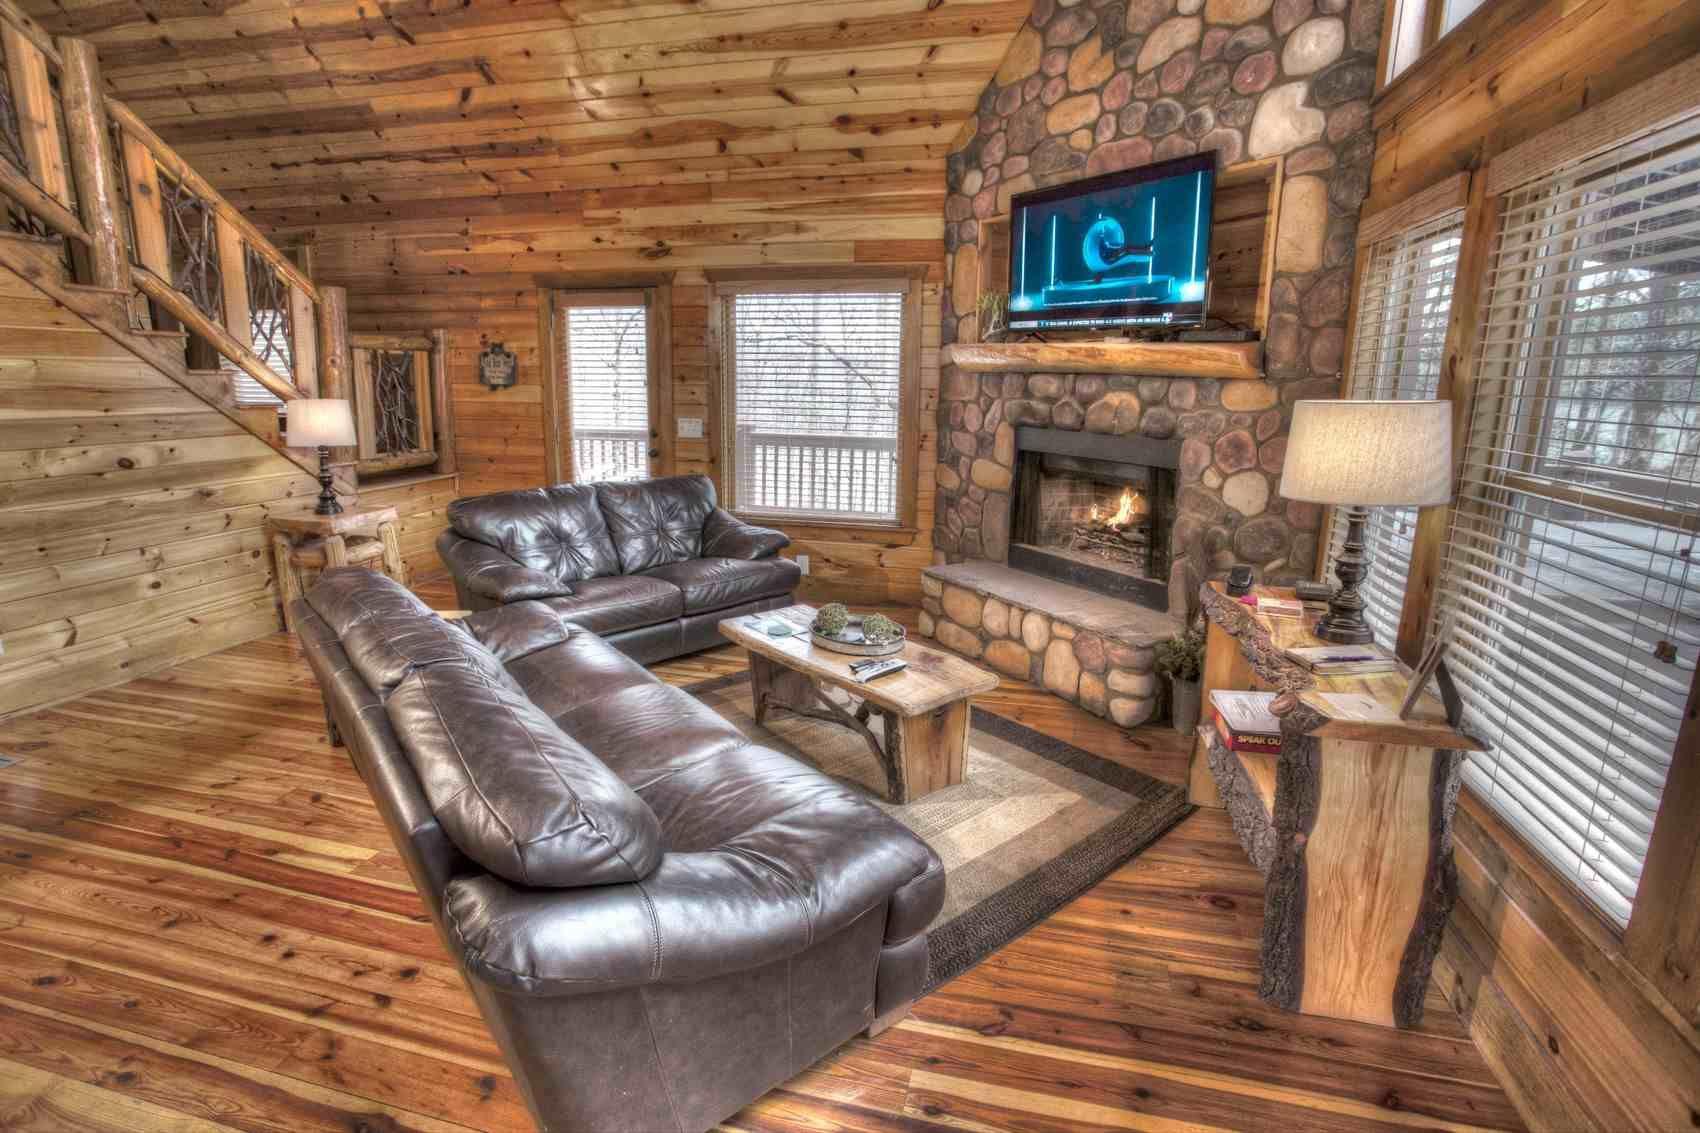 Cabins In Helen Ga Helen Ga Cabins Cabin Rentals In Helen Ga In 2020 Cabins In Helen Ga Bedroom Images Cabin